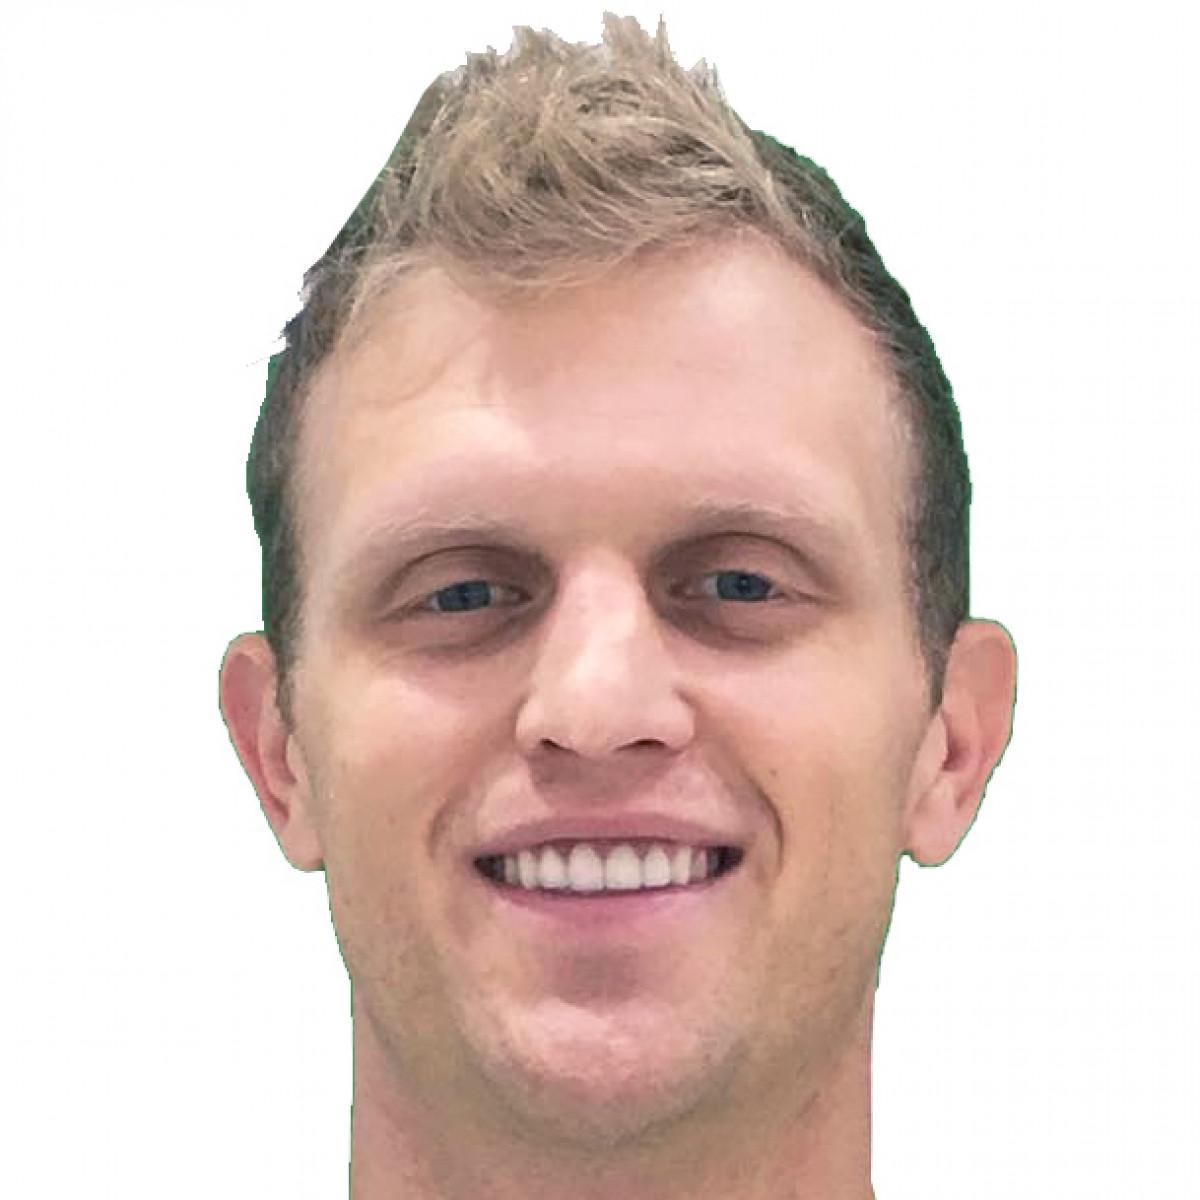 Tyler Haws